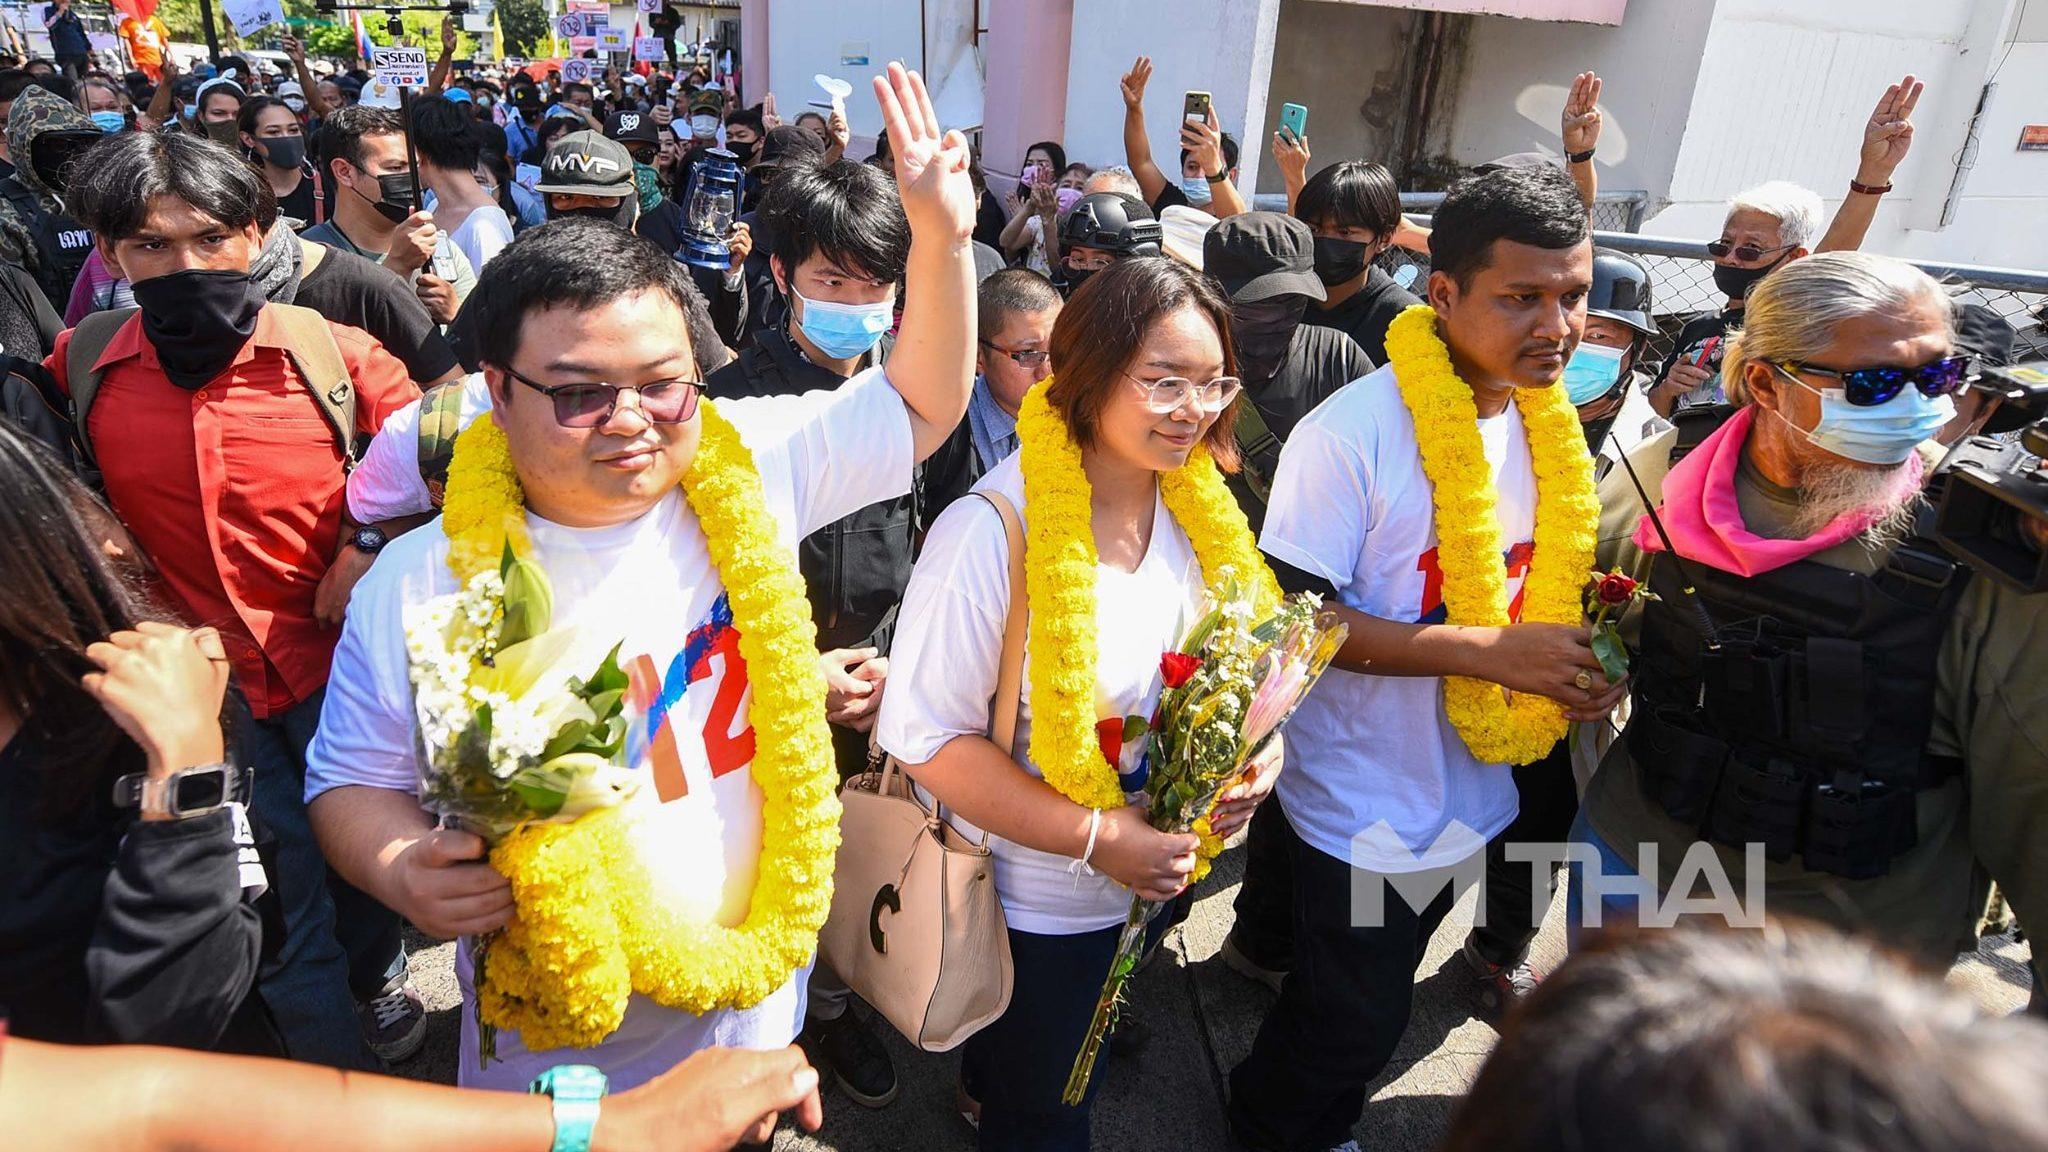 เพนกวิน-ไมค์-รุ้ง-ไบร์ท รับทราบข้อกล่าวหา ม.112 สภ.เมืองนนทบุรี